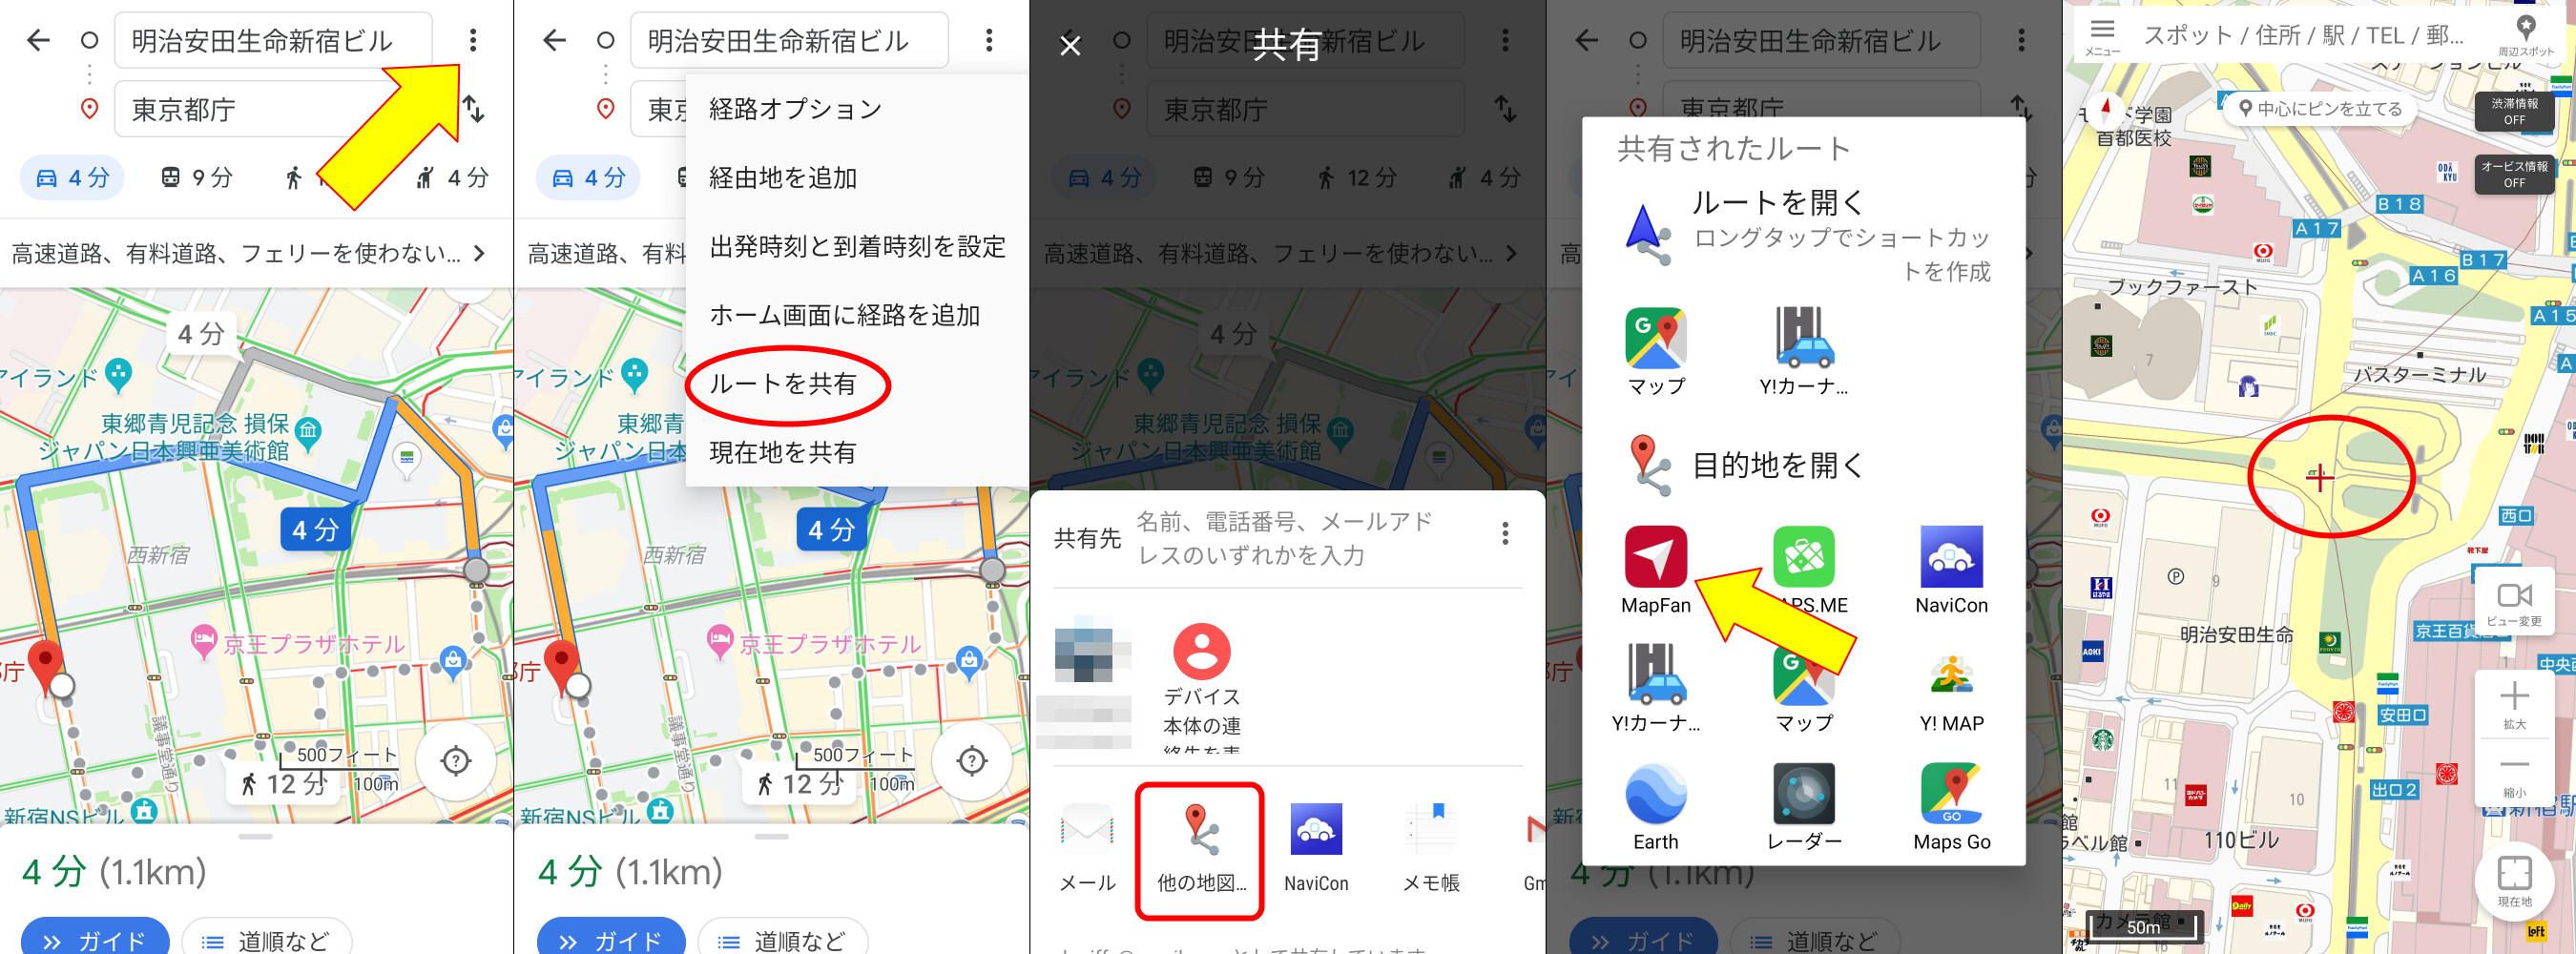 検索 マップ ファン ルート